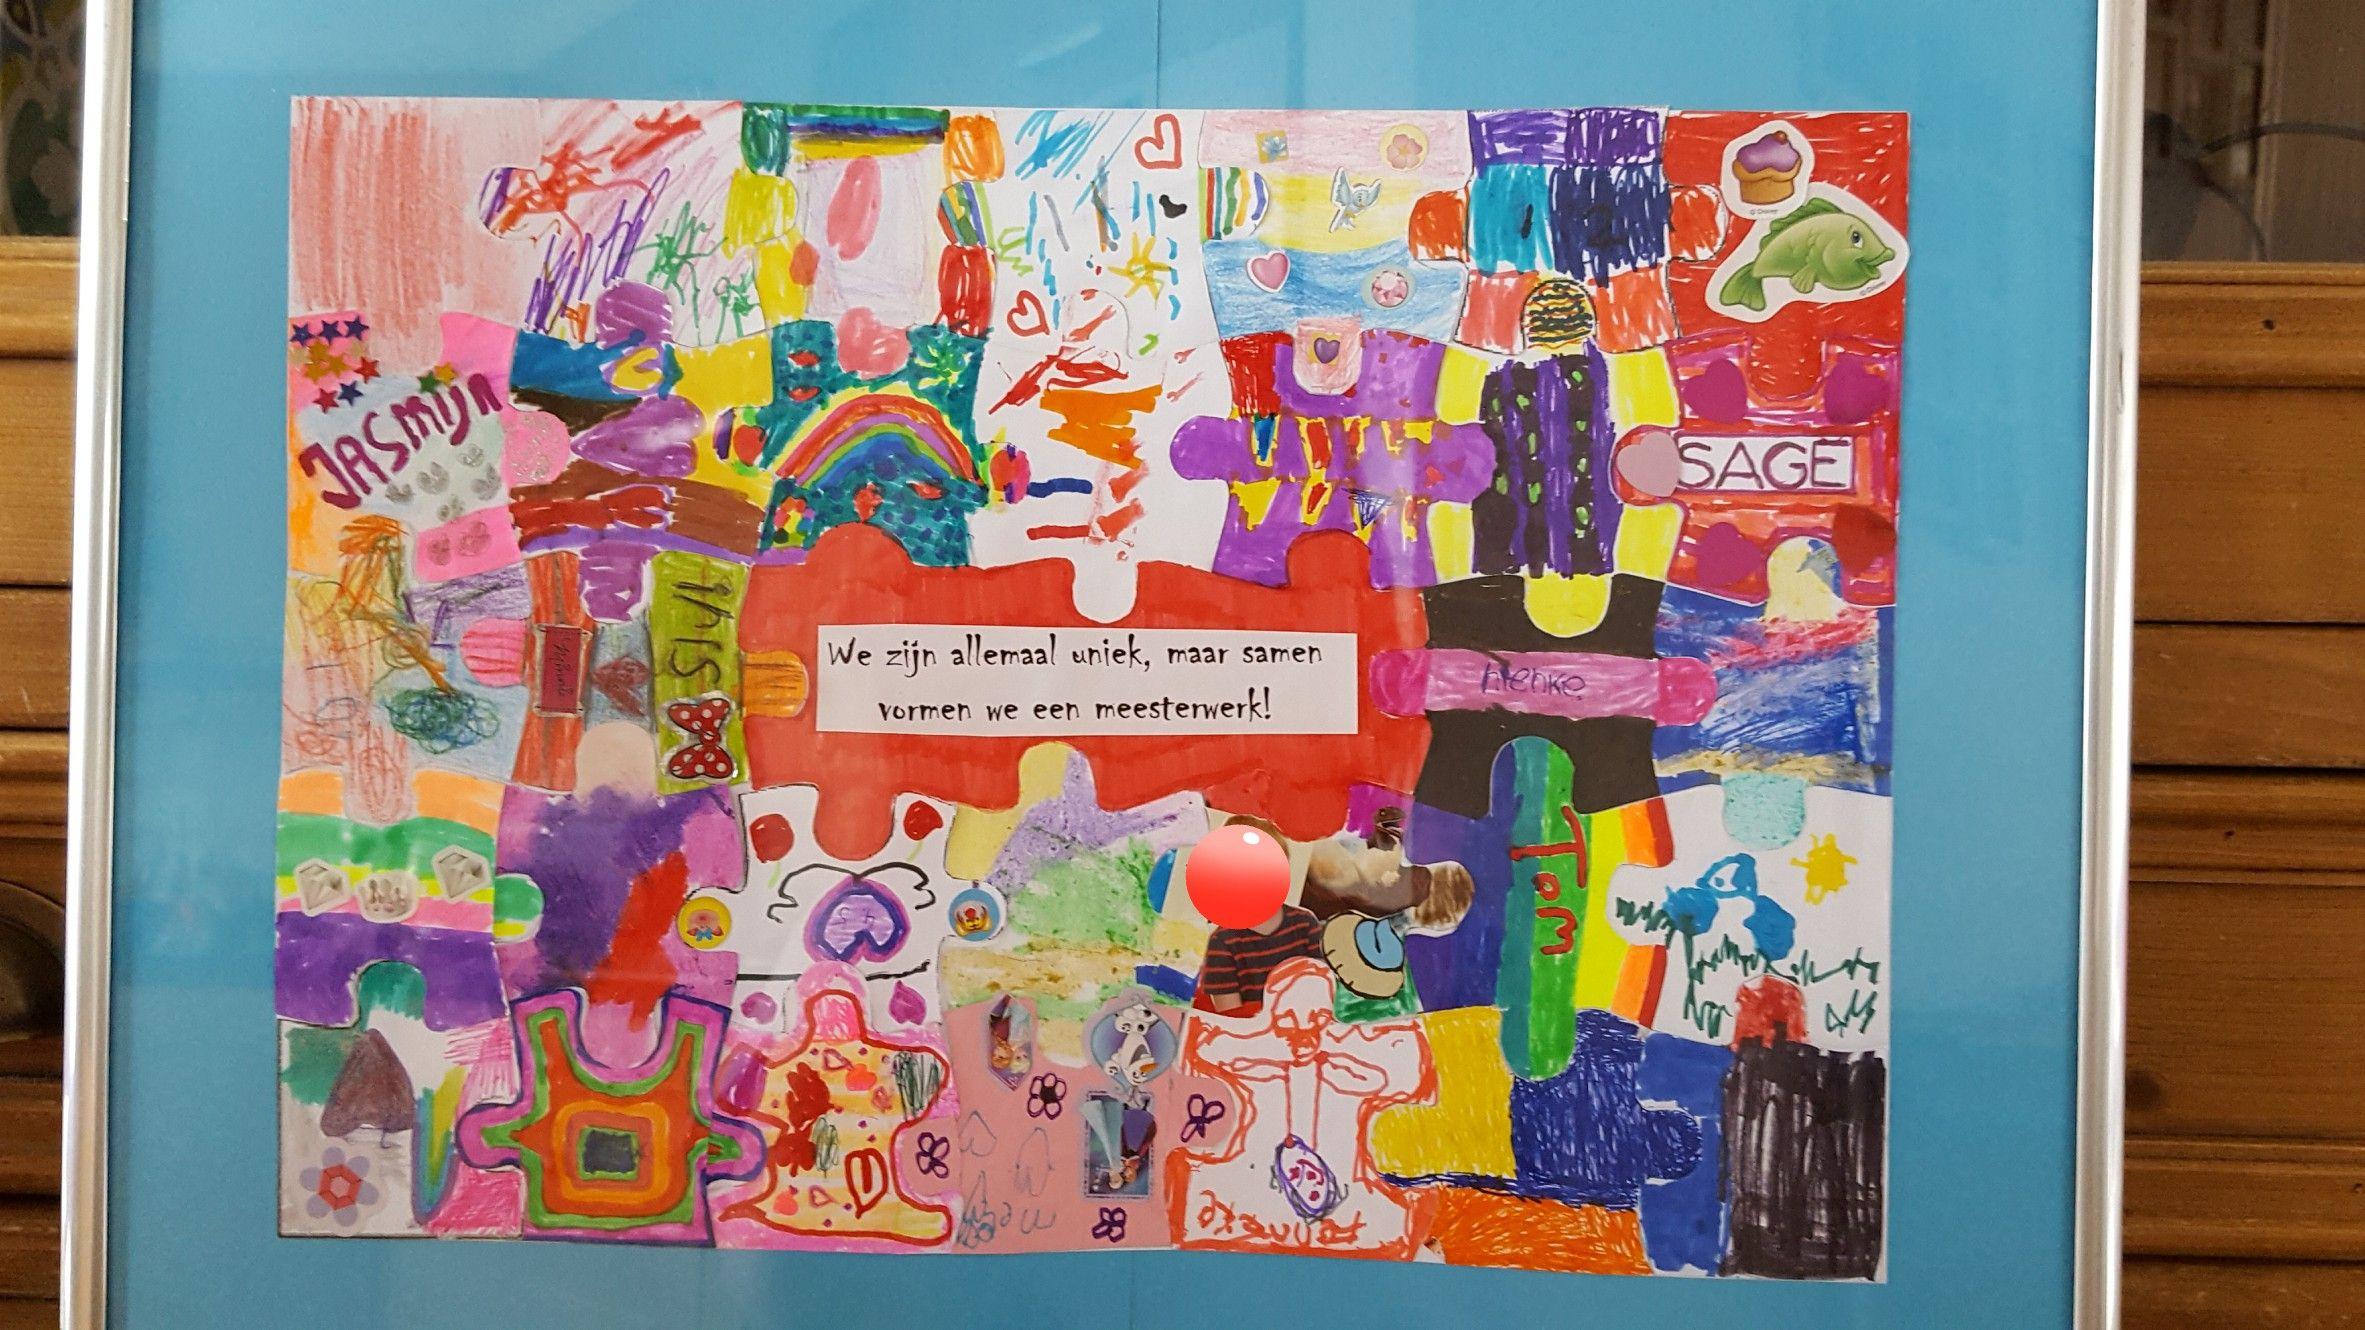 Een puzzel waarbij elk kind uit de klas een eigen puzzelstukje